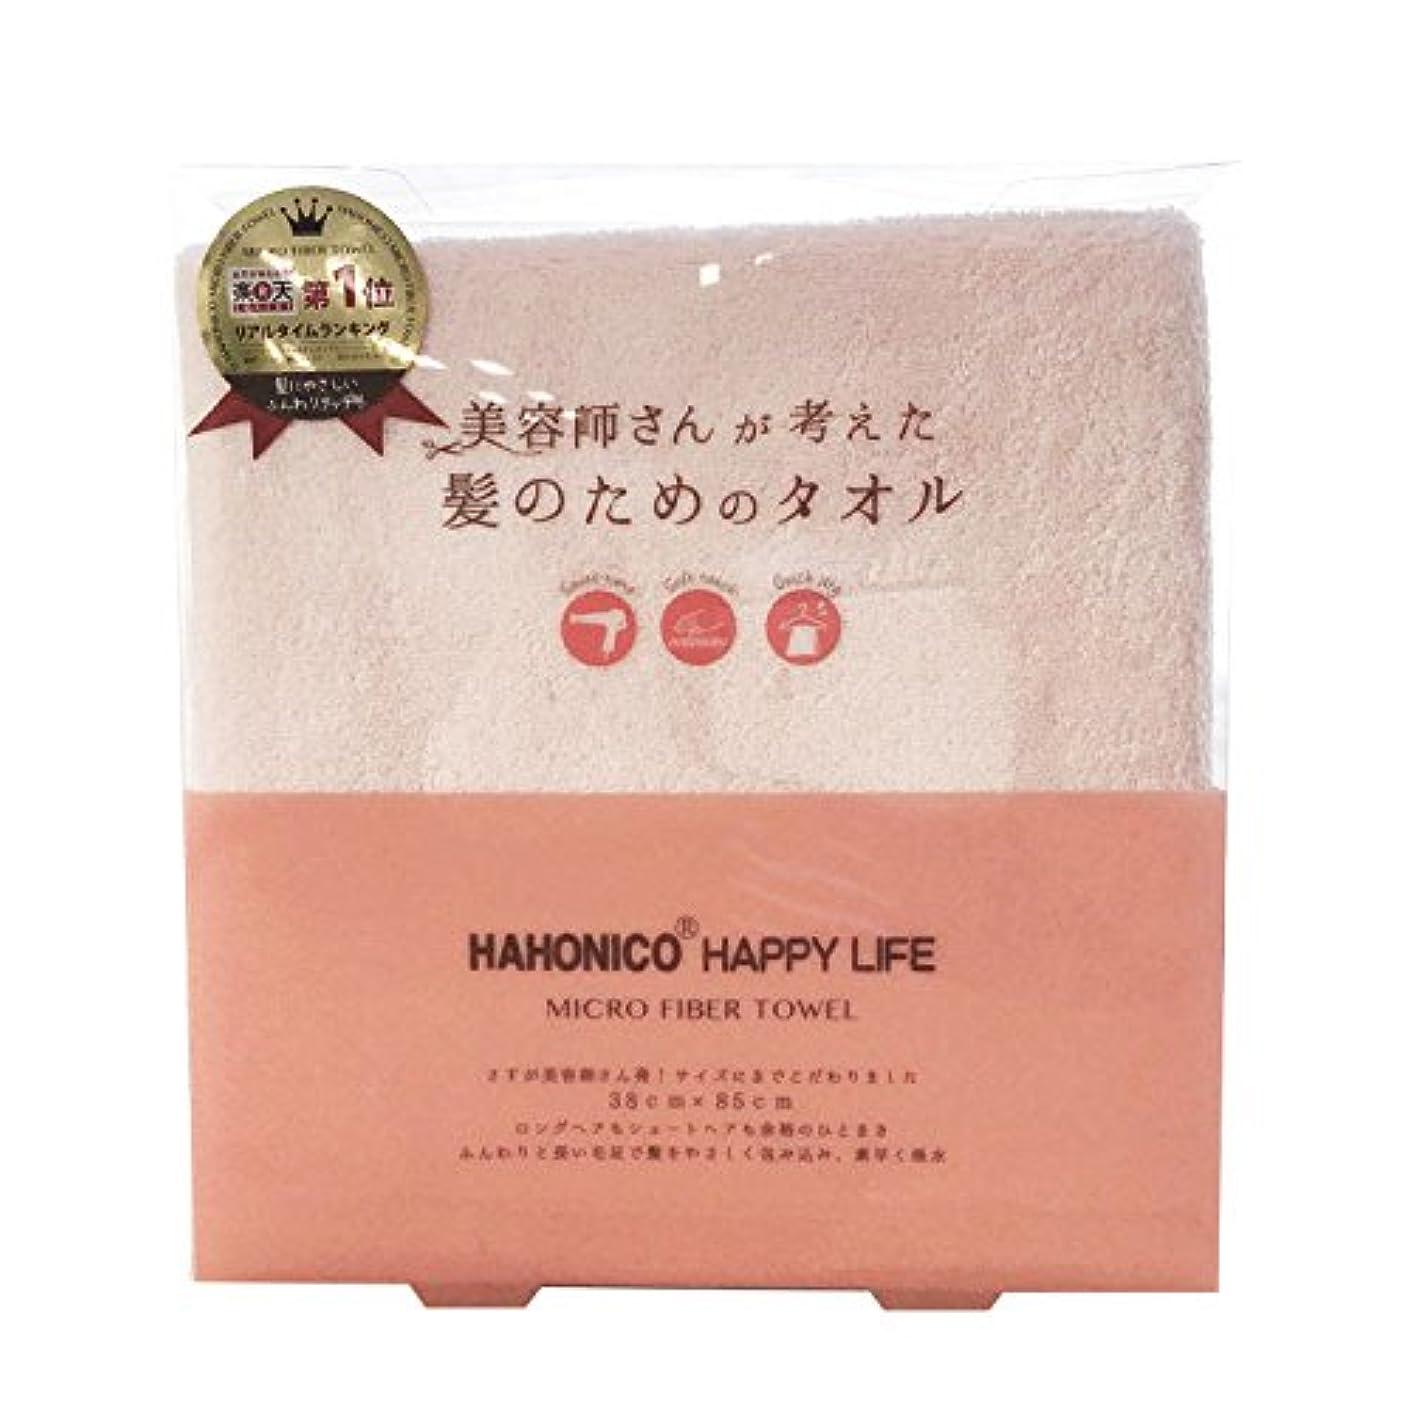 勧告時刻表色ハホニコ ヘアドライマイクロファイバータオル ピンク